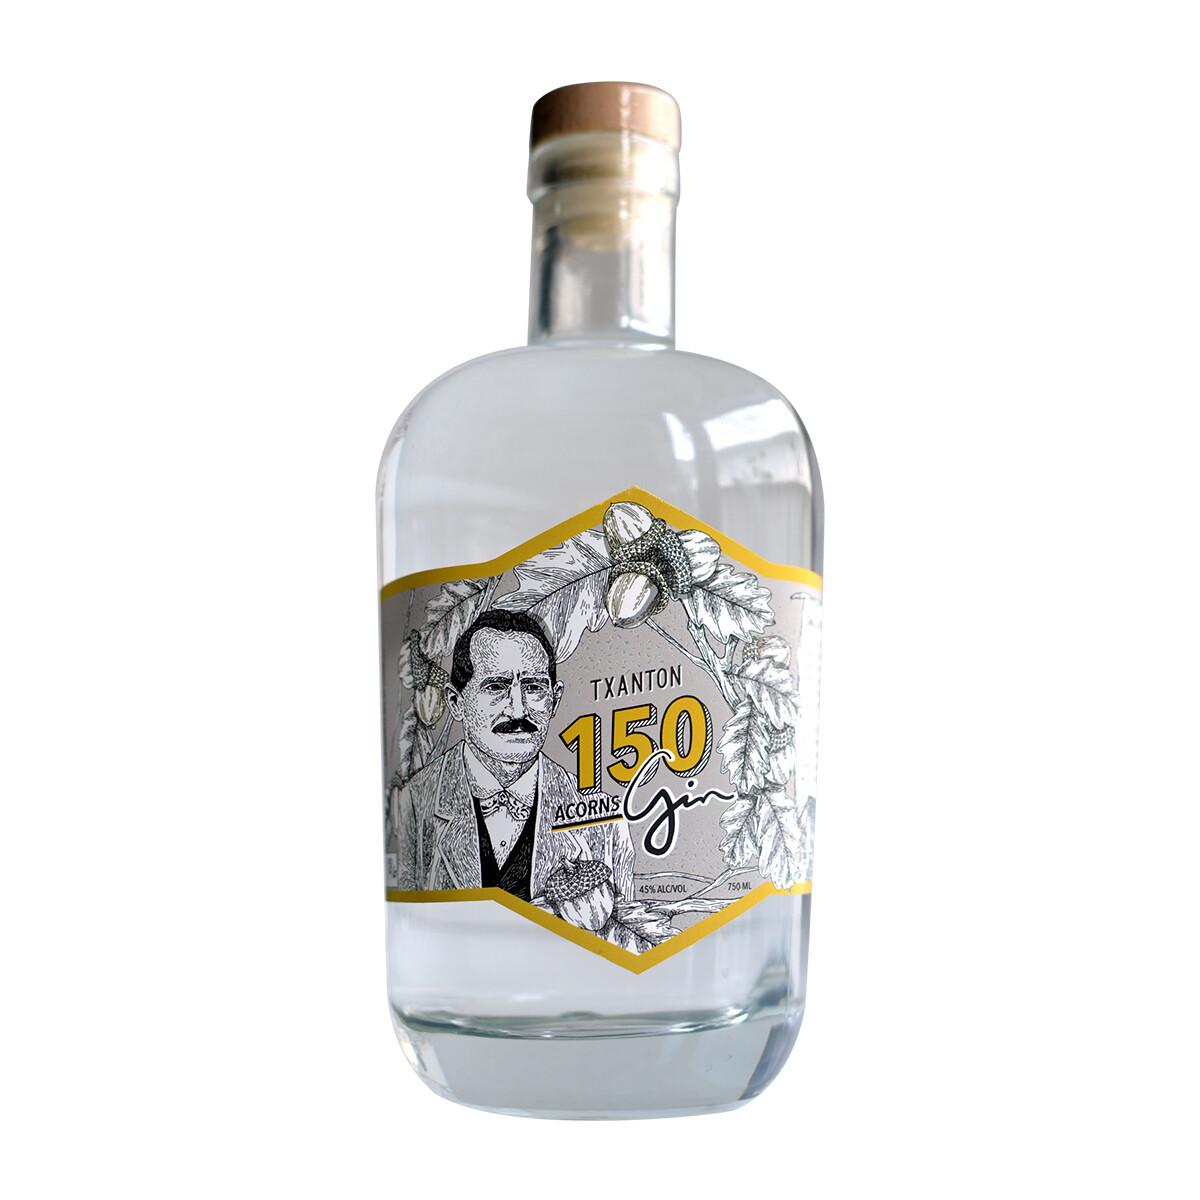 Txanton 150 Acorns Gin